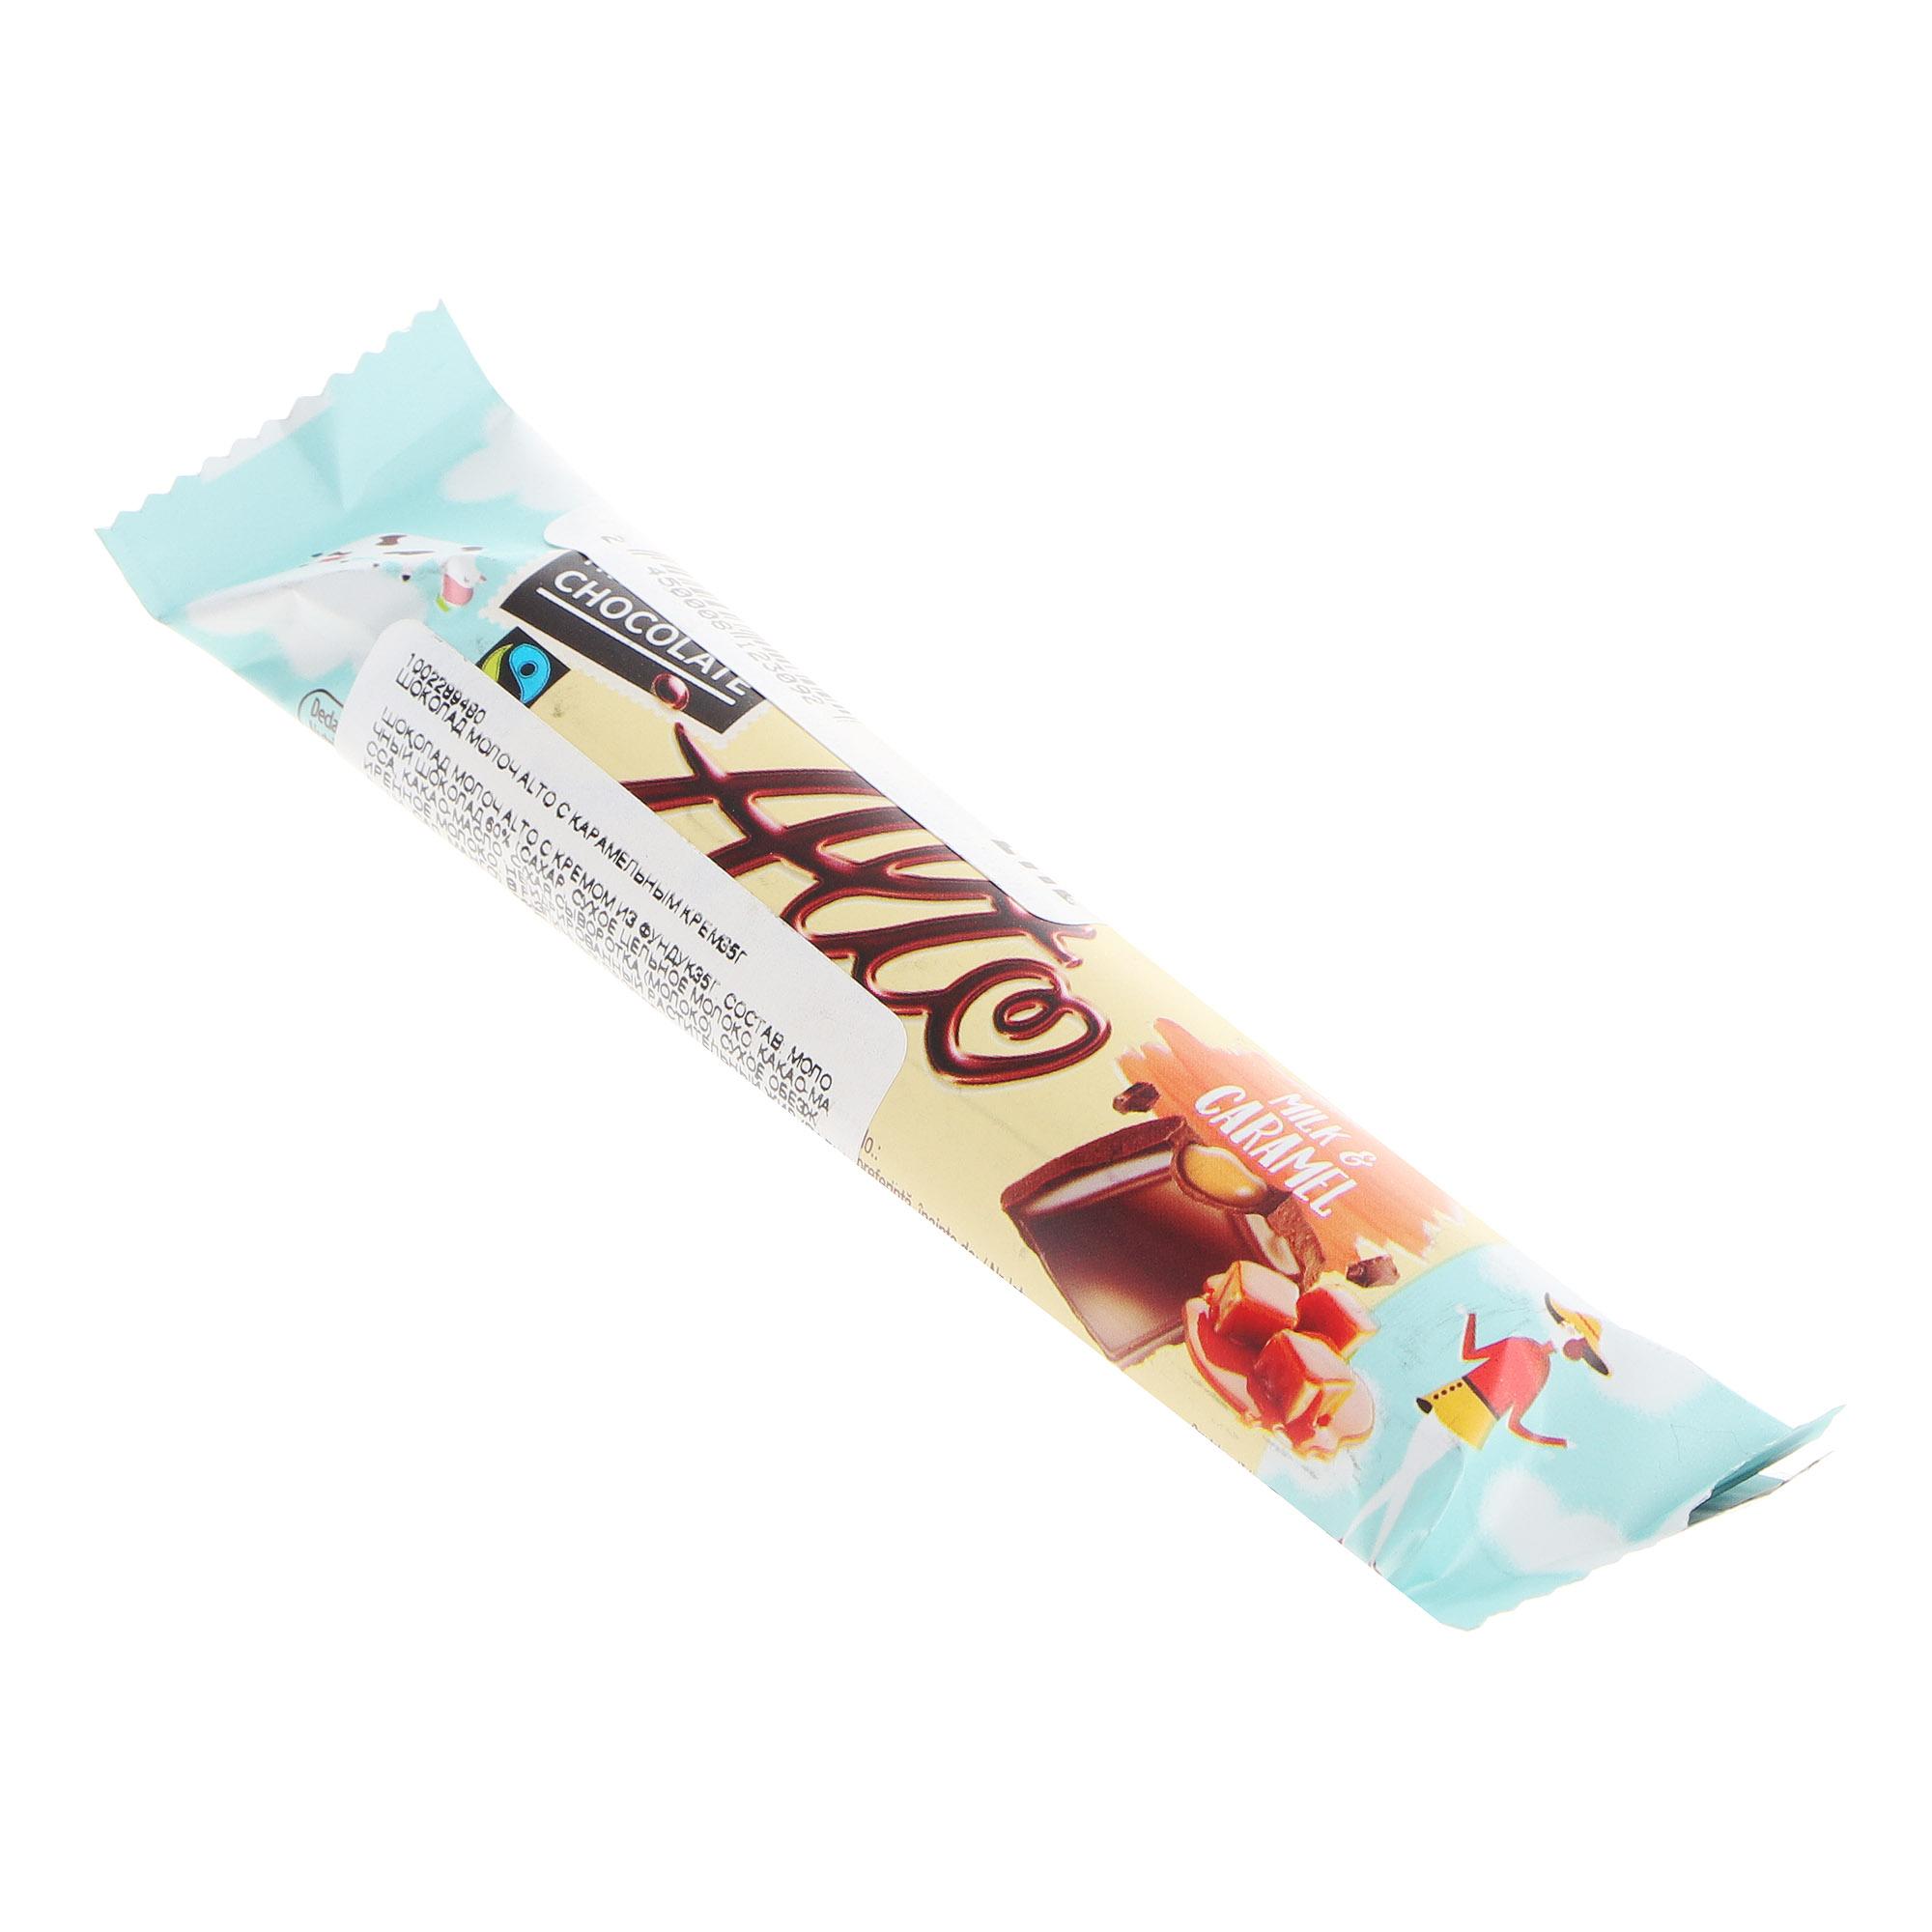 Шоколад молочный Romega Alto с карамельным кремом 35 г фото